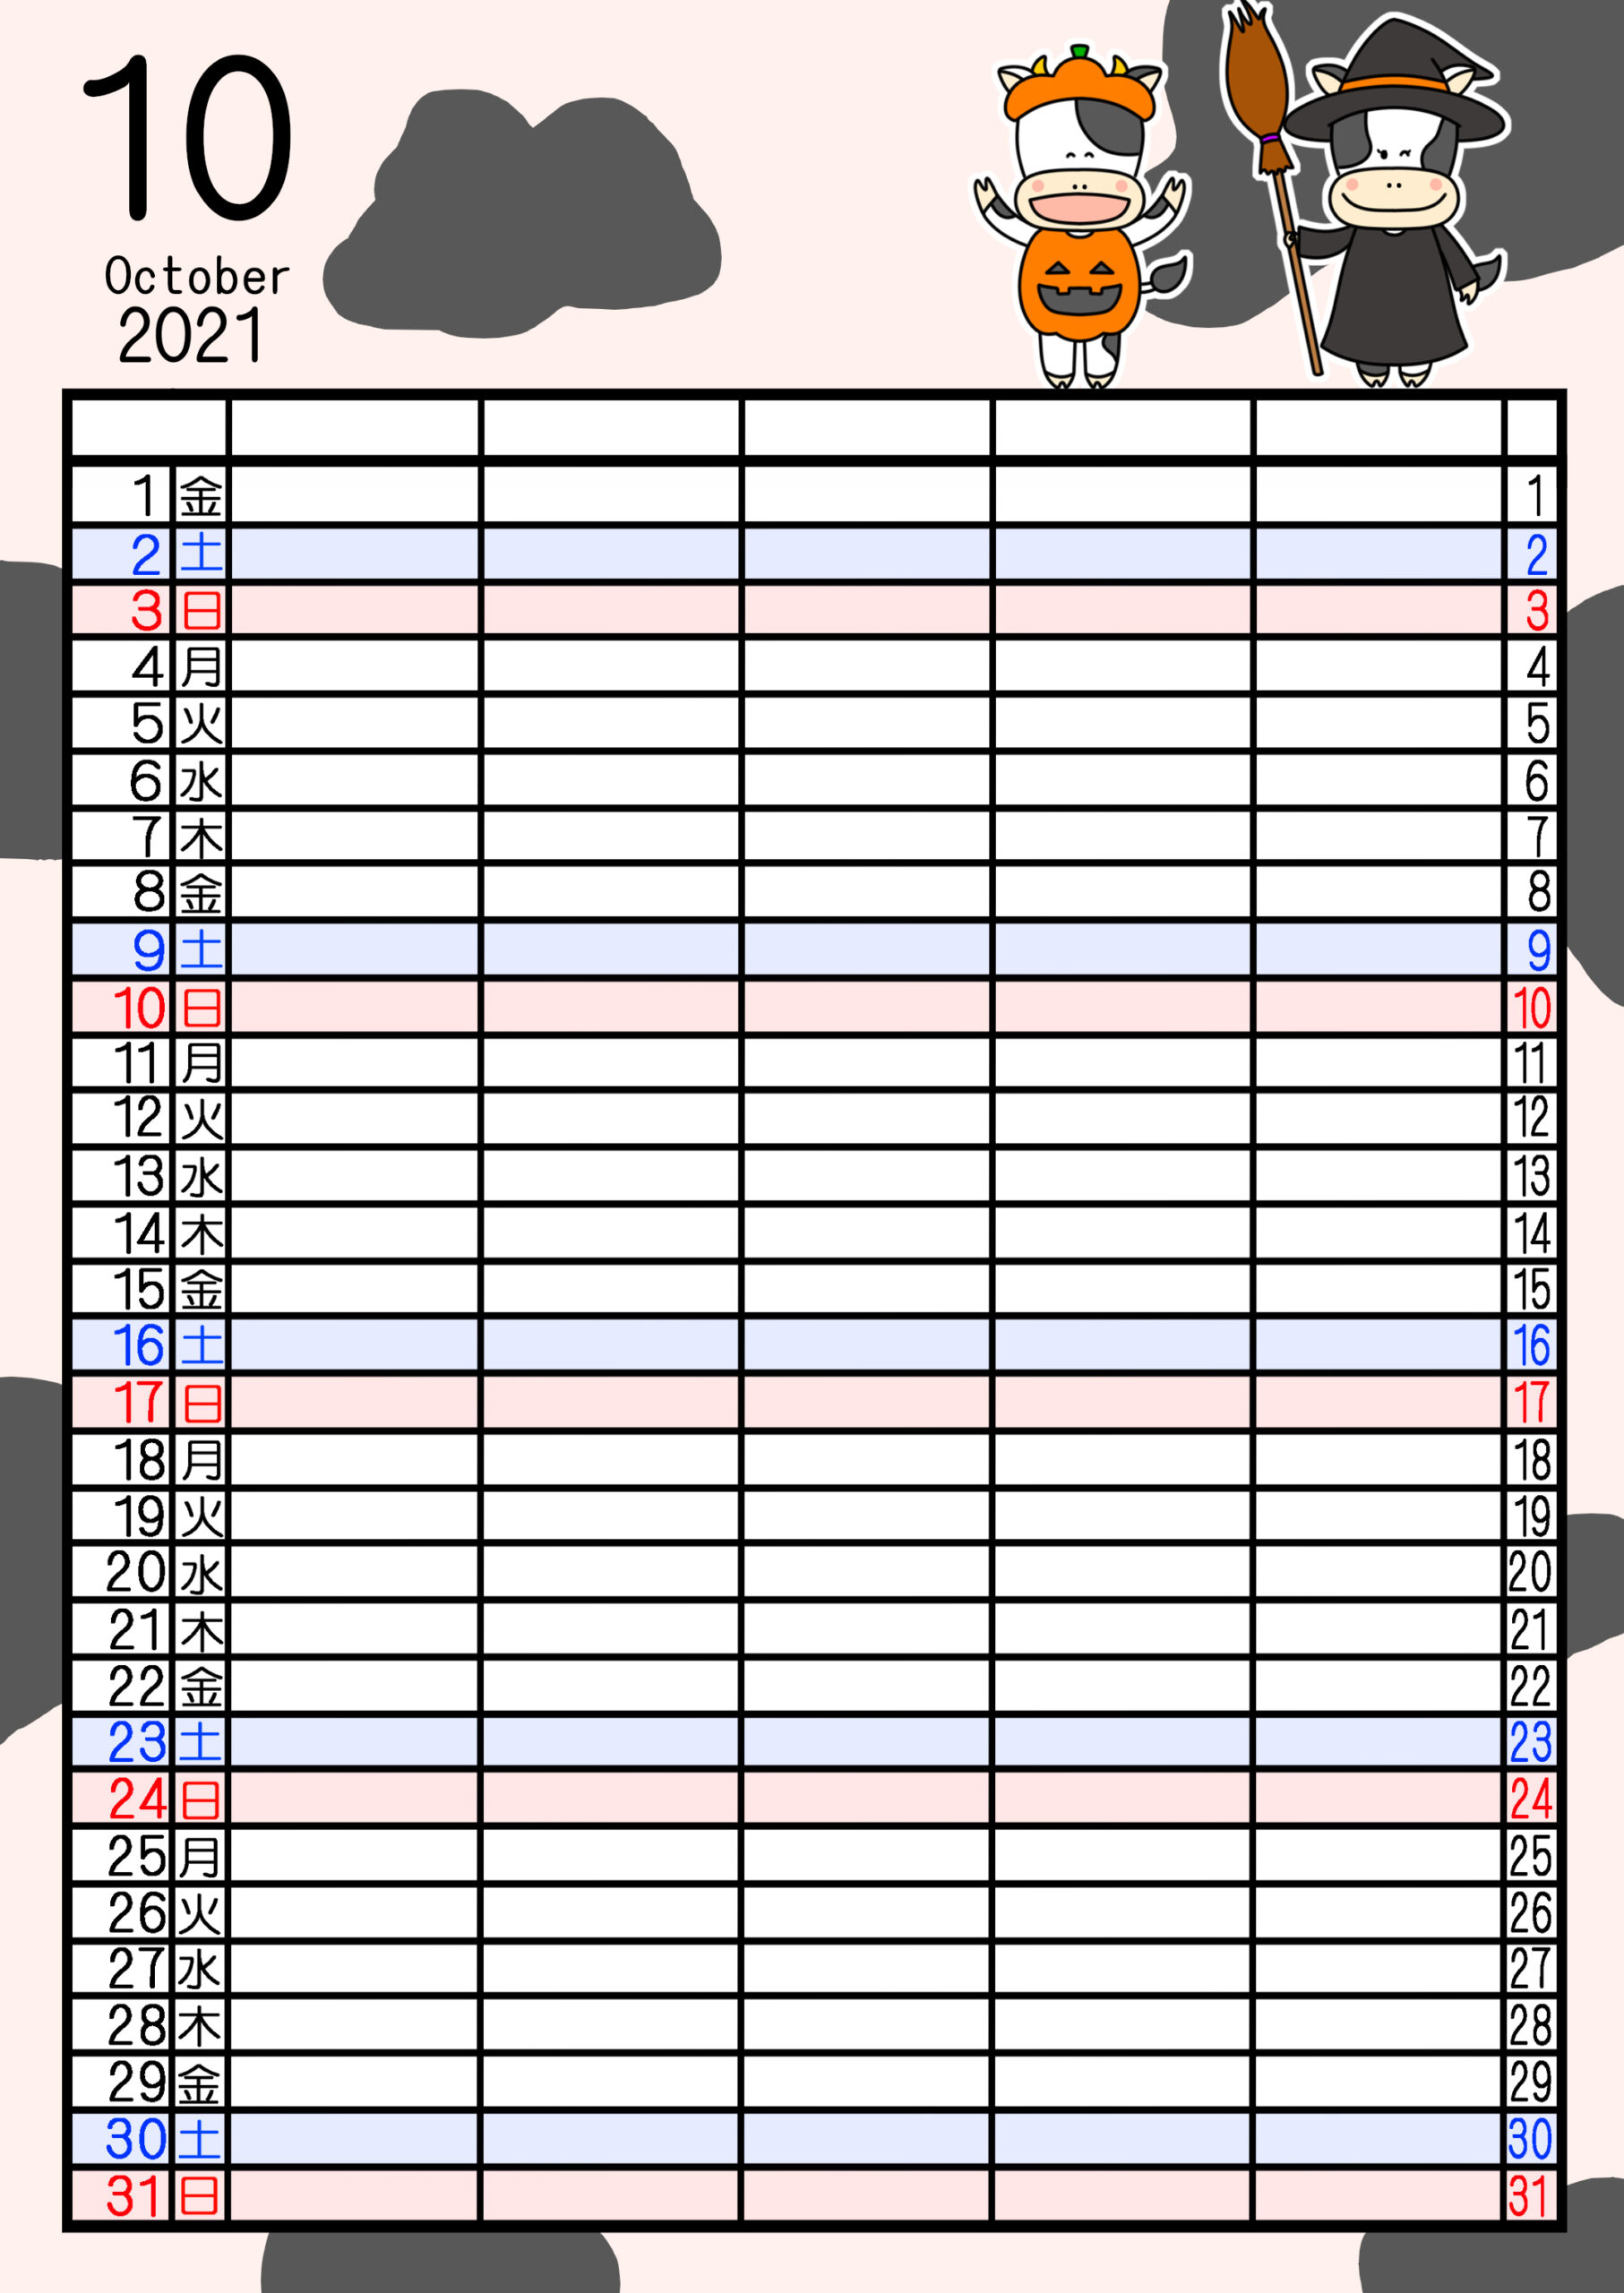 2021年家族カレンダー 無料ダウンロード 干支 動物 5人用 令和3年10月